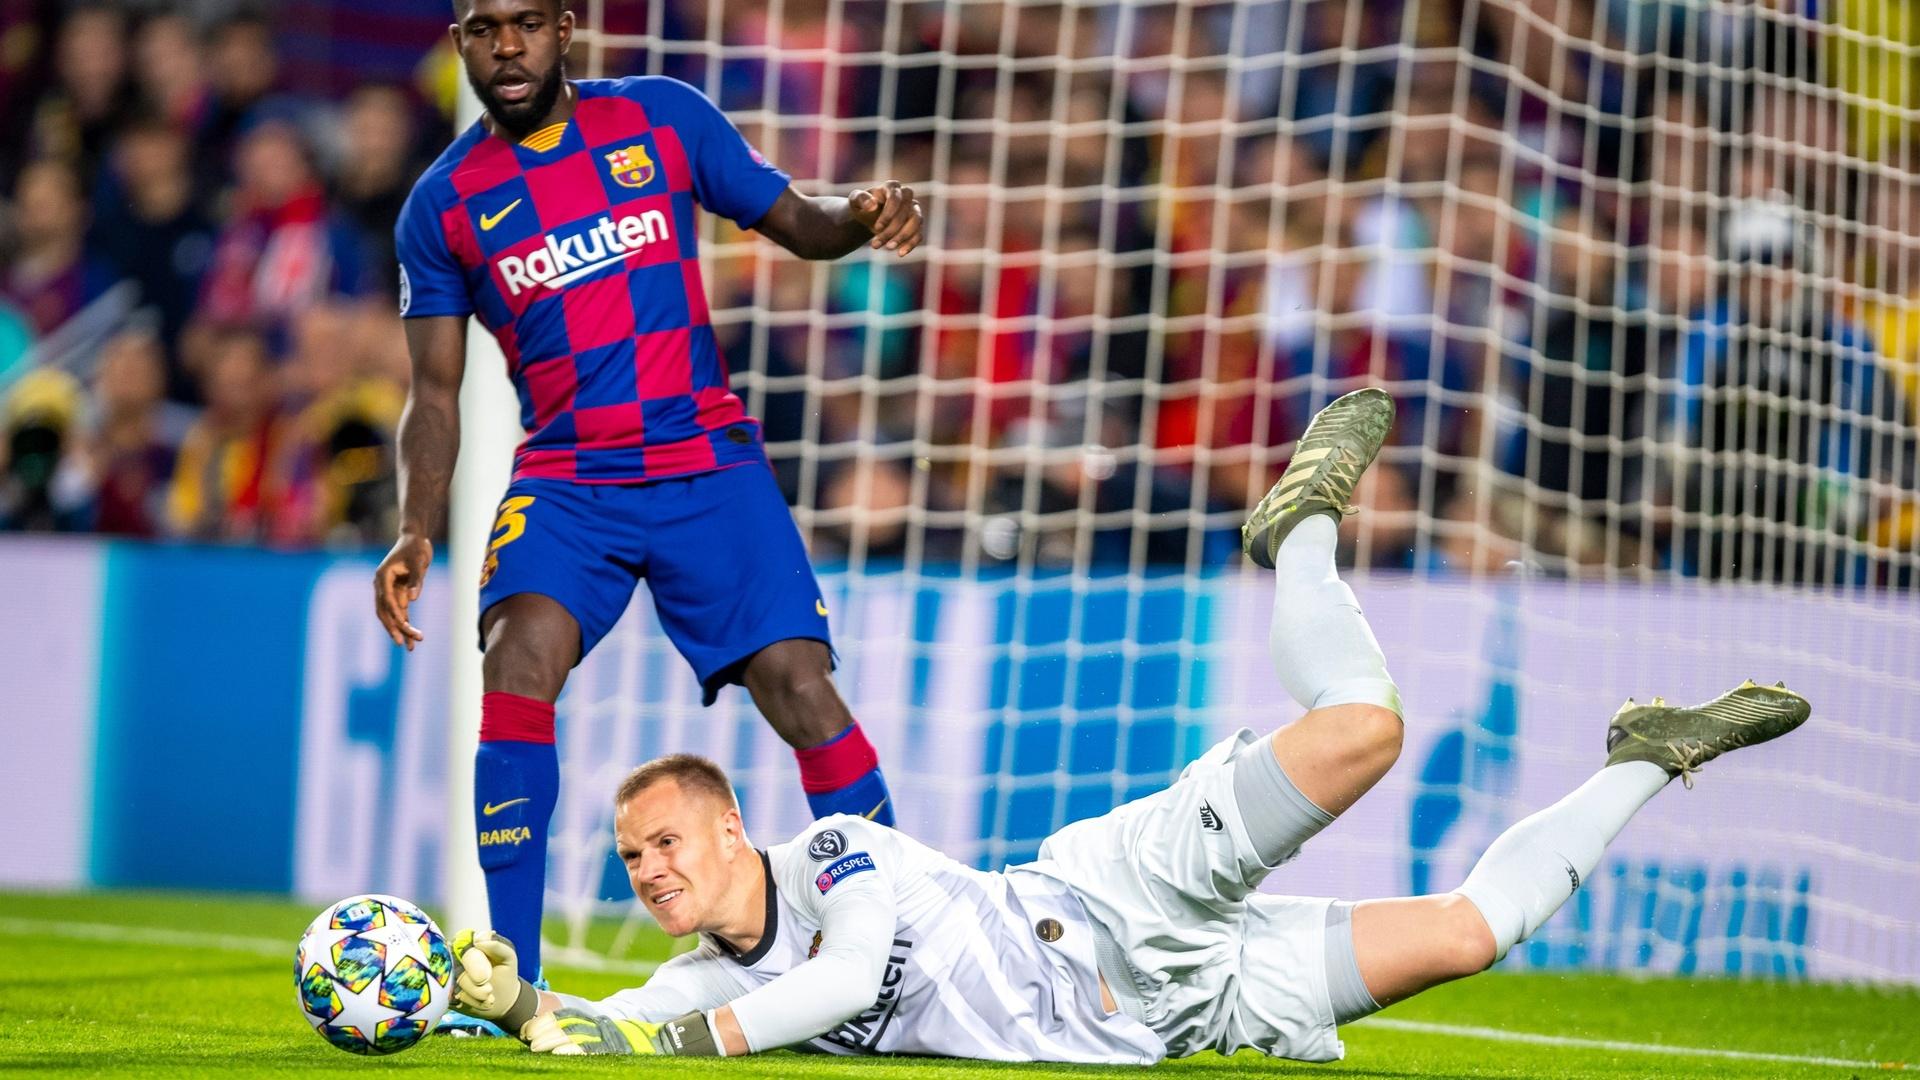 حارس مرمى برشلونة يرفض الخضوع لعملية جراحية